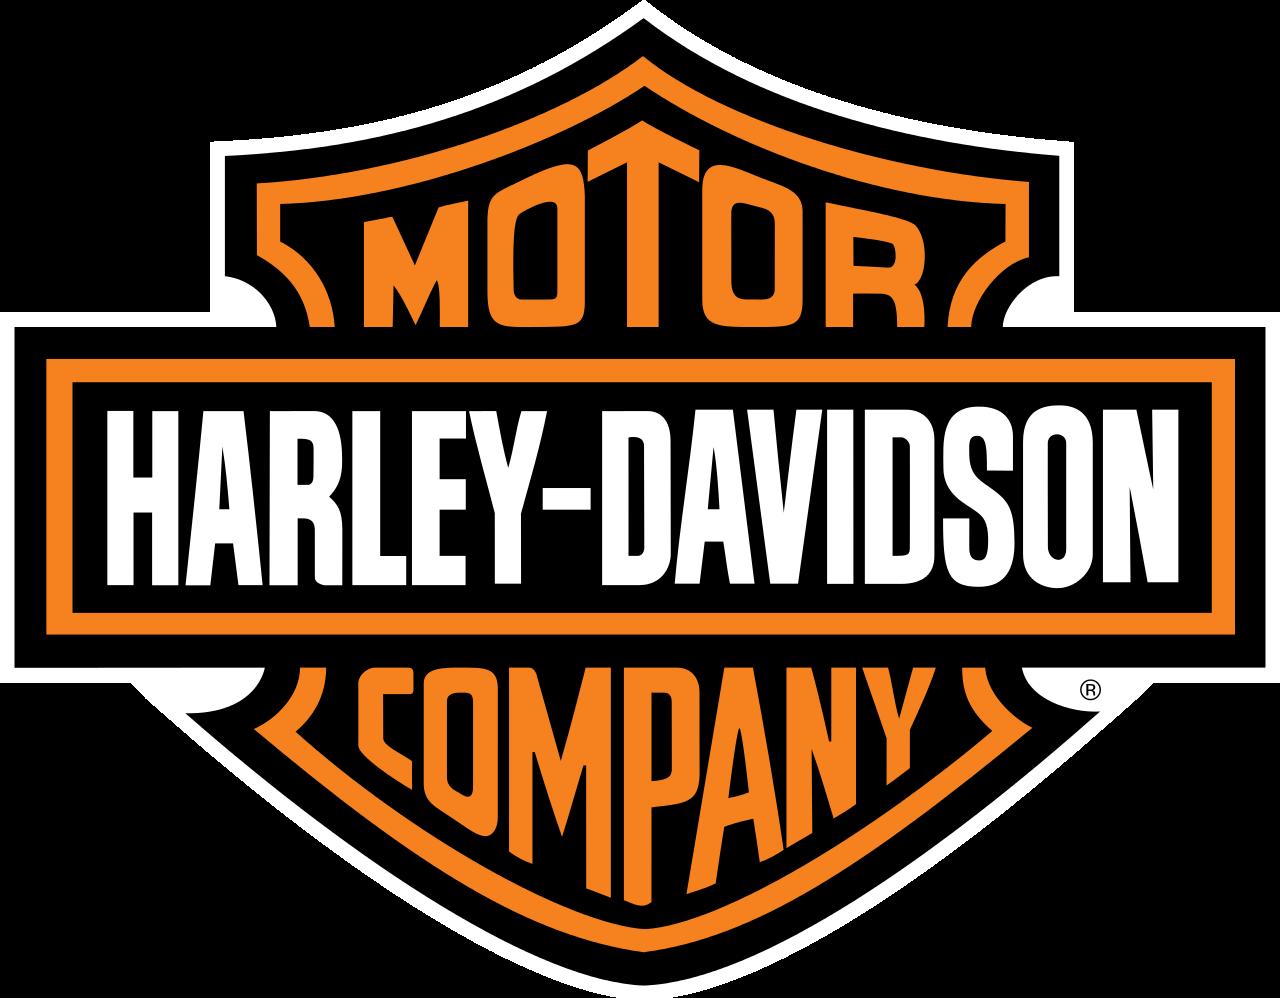 Daftar Harga Motor Harley Davidson Terbaru 2015 Update Bulan Ini